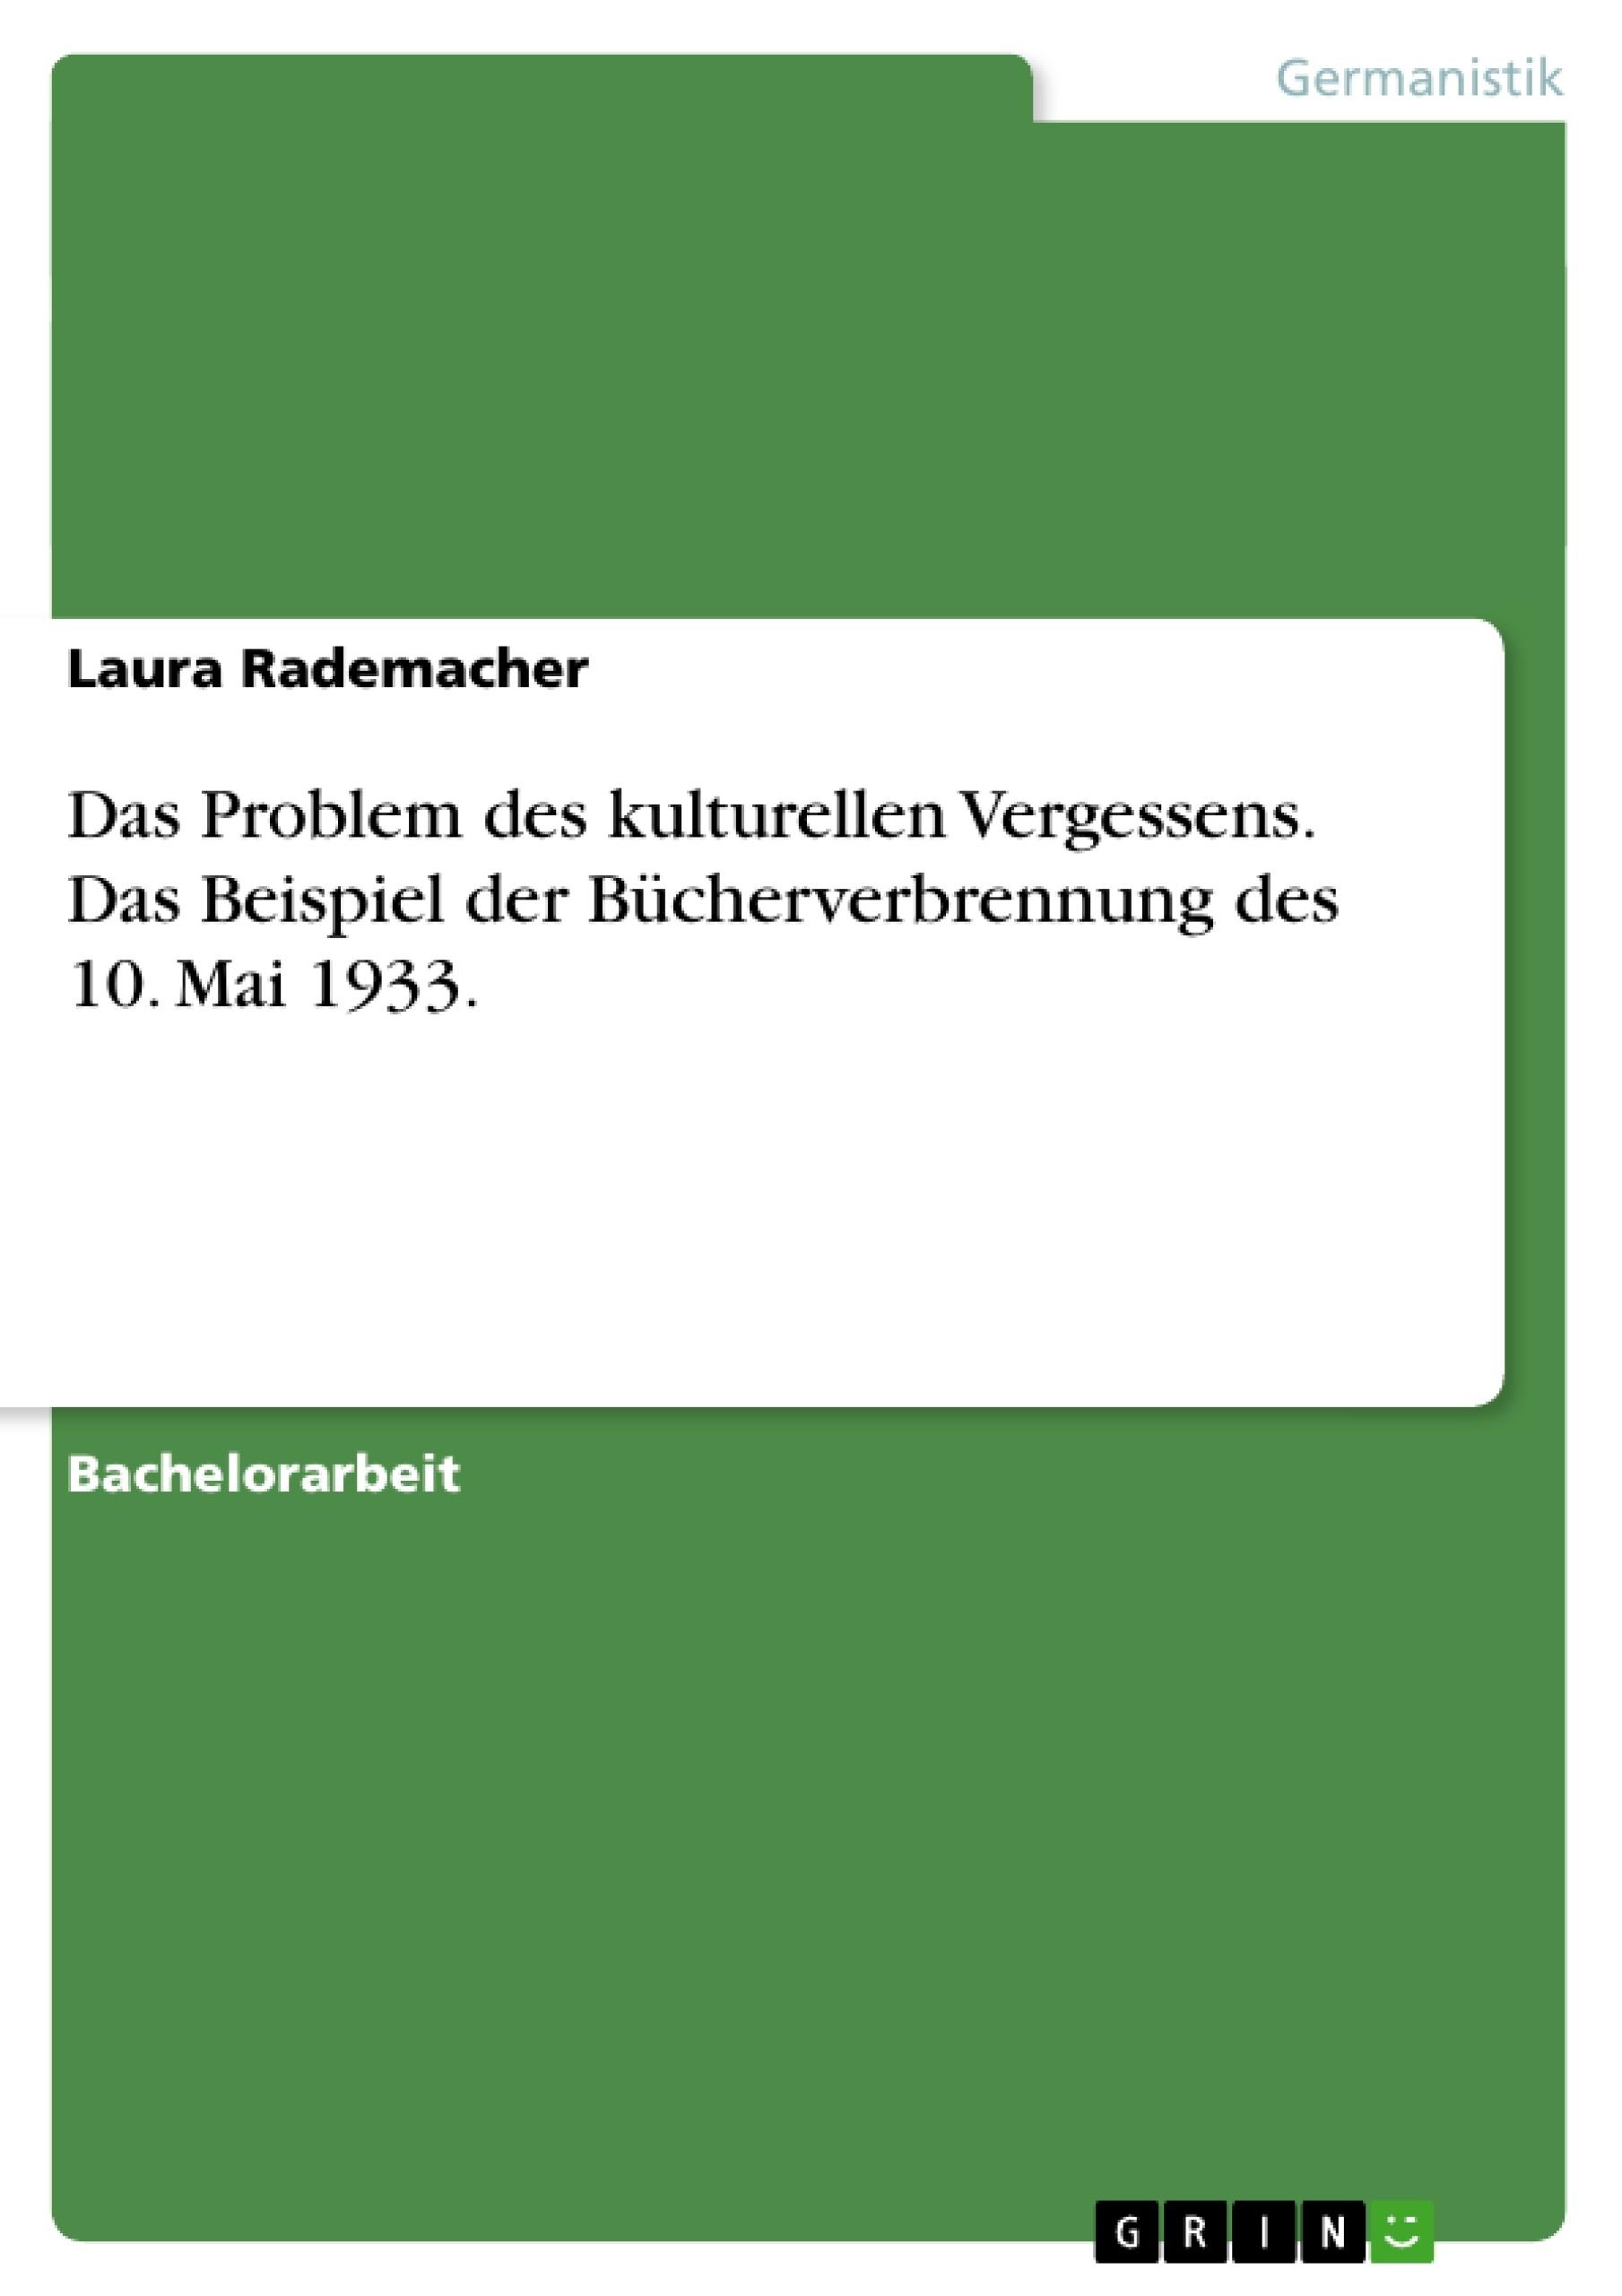 Titel: Das Problem des kulturellen Vergessens. Das Beispiel der Bücherverbrennung des 10. Mai 1933.